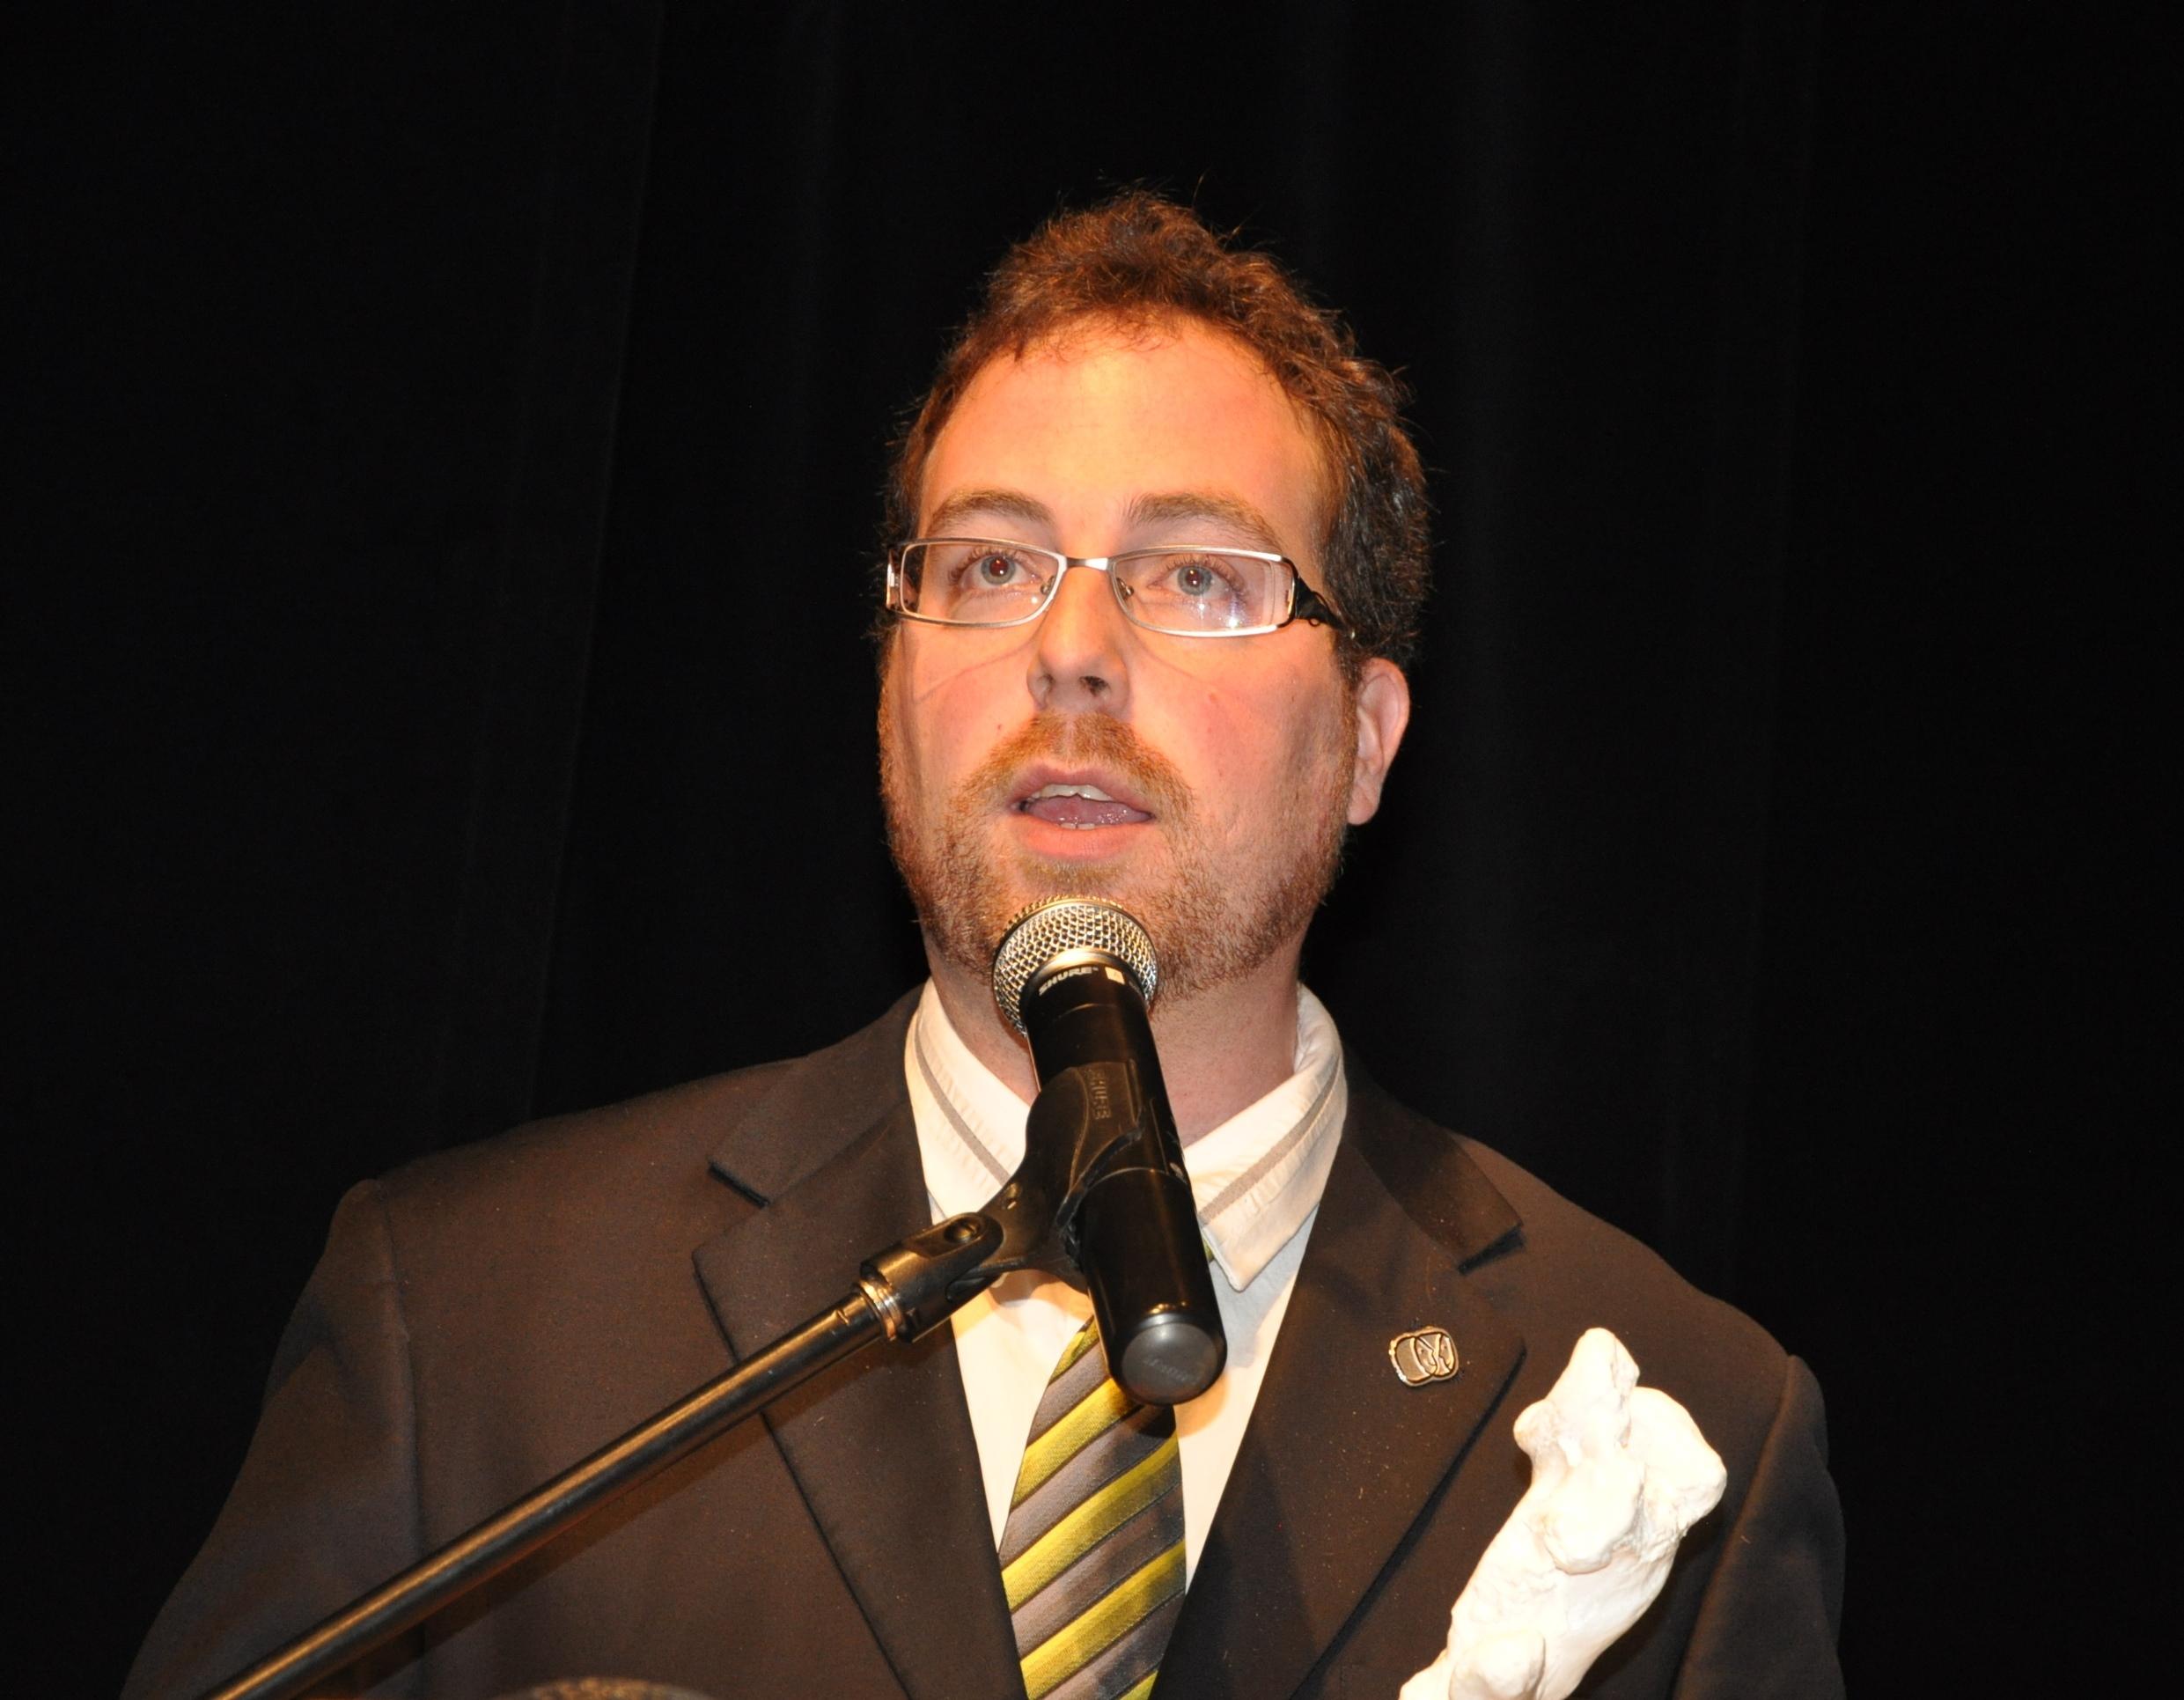 Steve Ouimet